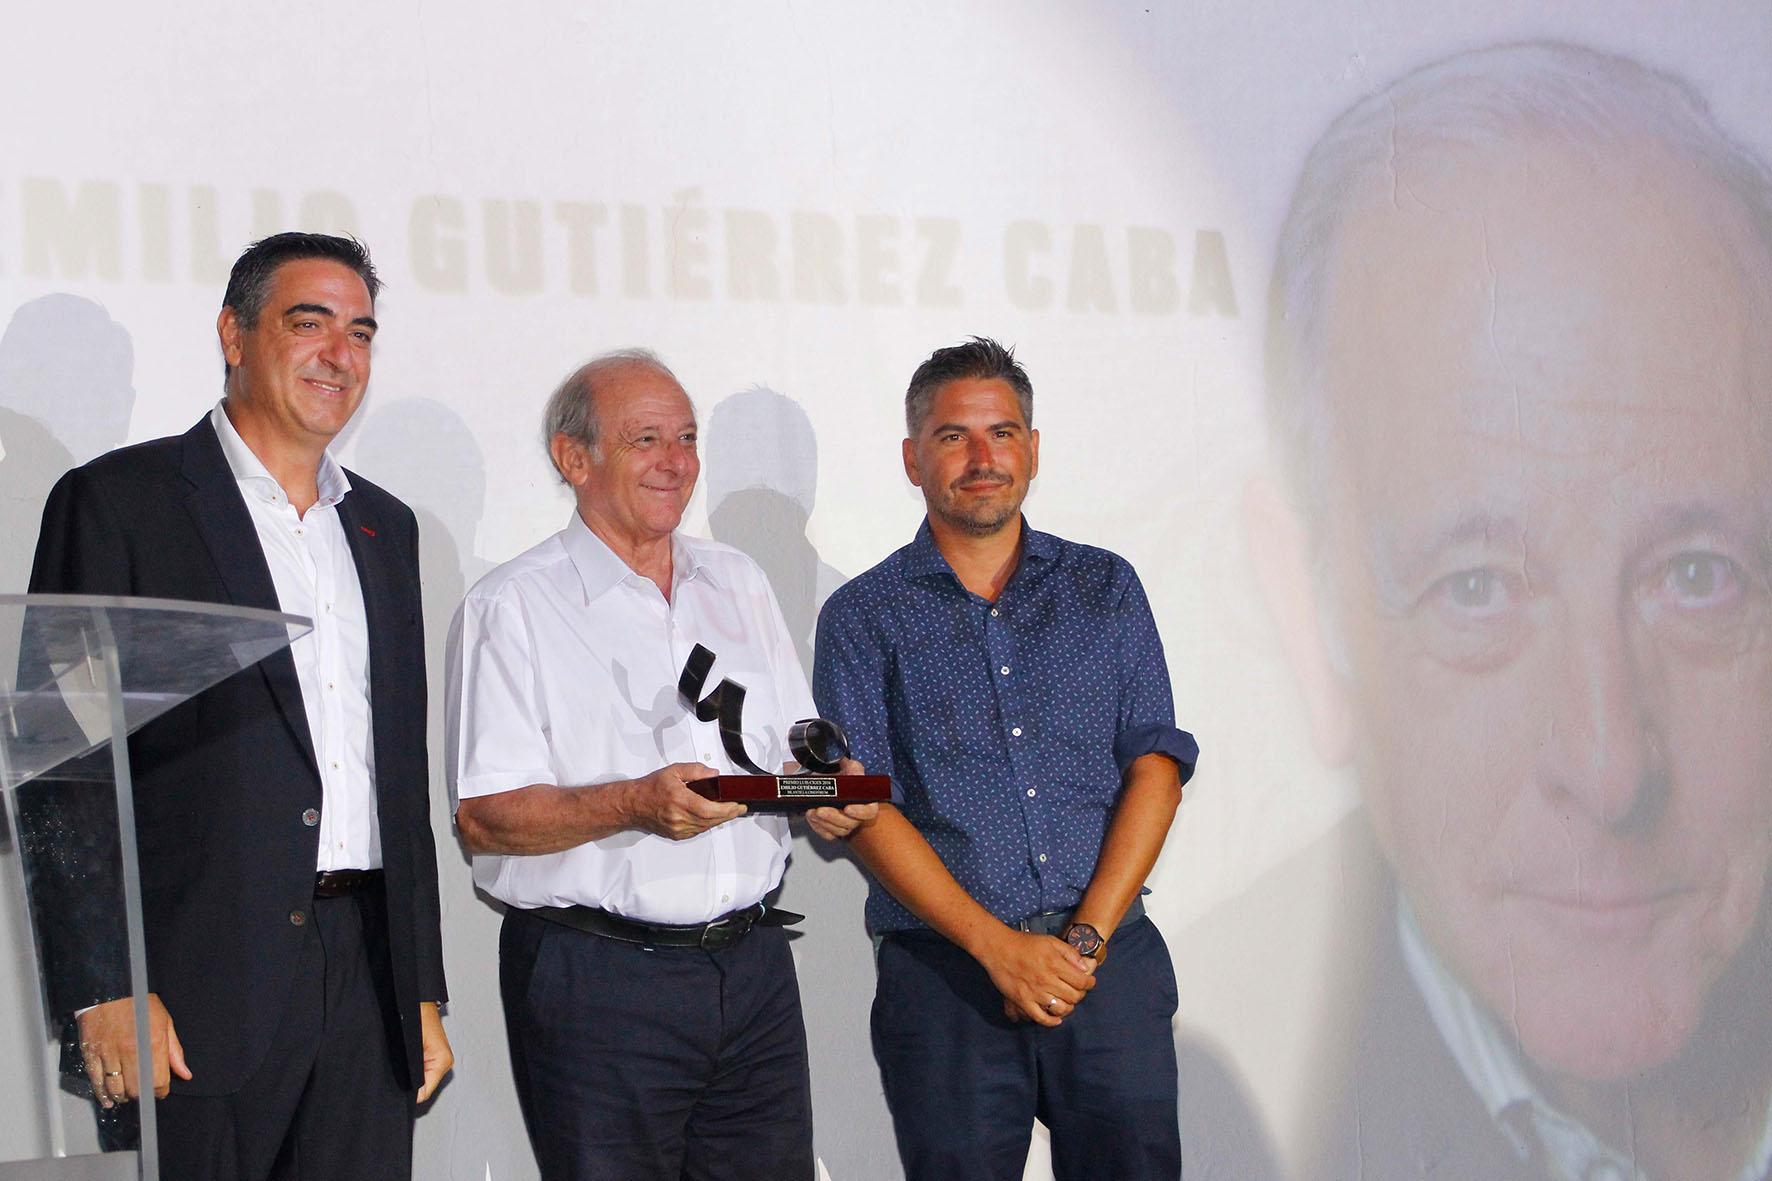 2016 08 27 Ceremonia de Clausura - Emilio Gutiérrez, Premio 'Luis Ciges' 2016